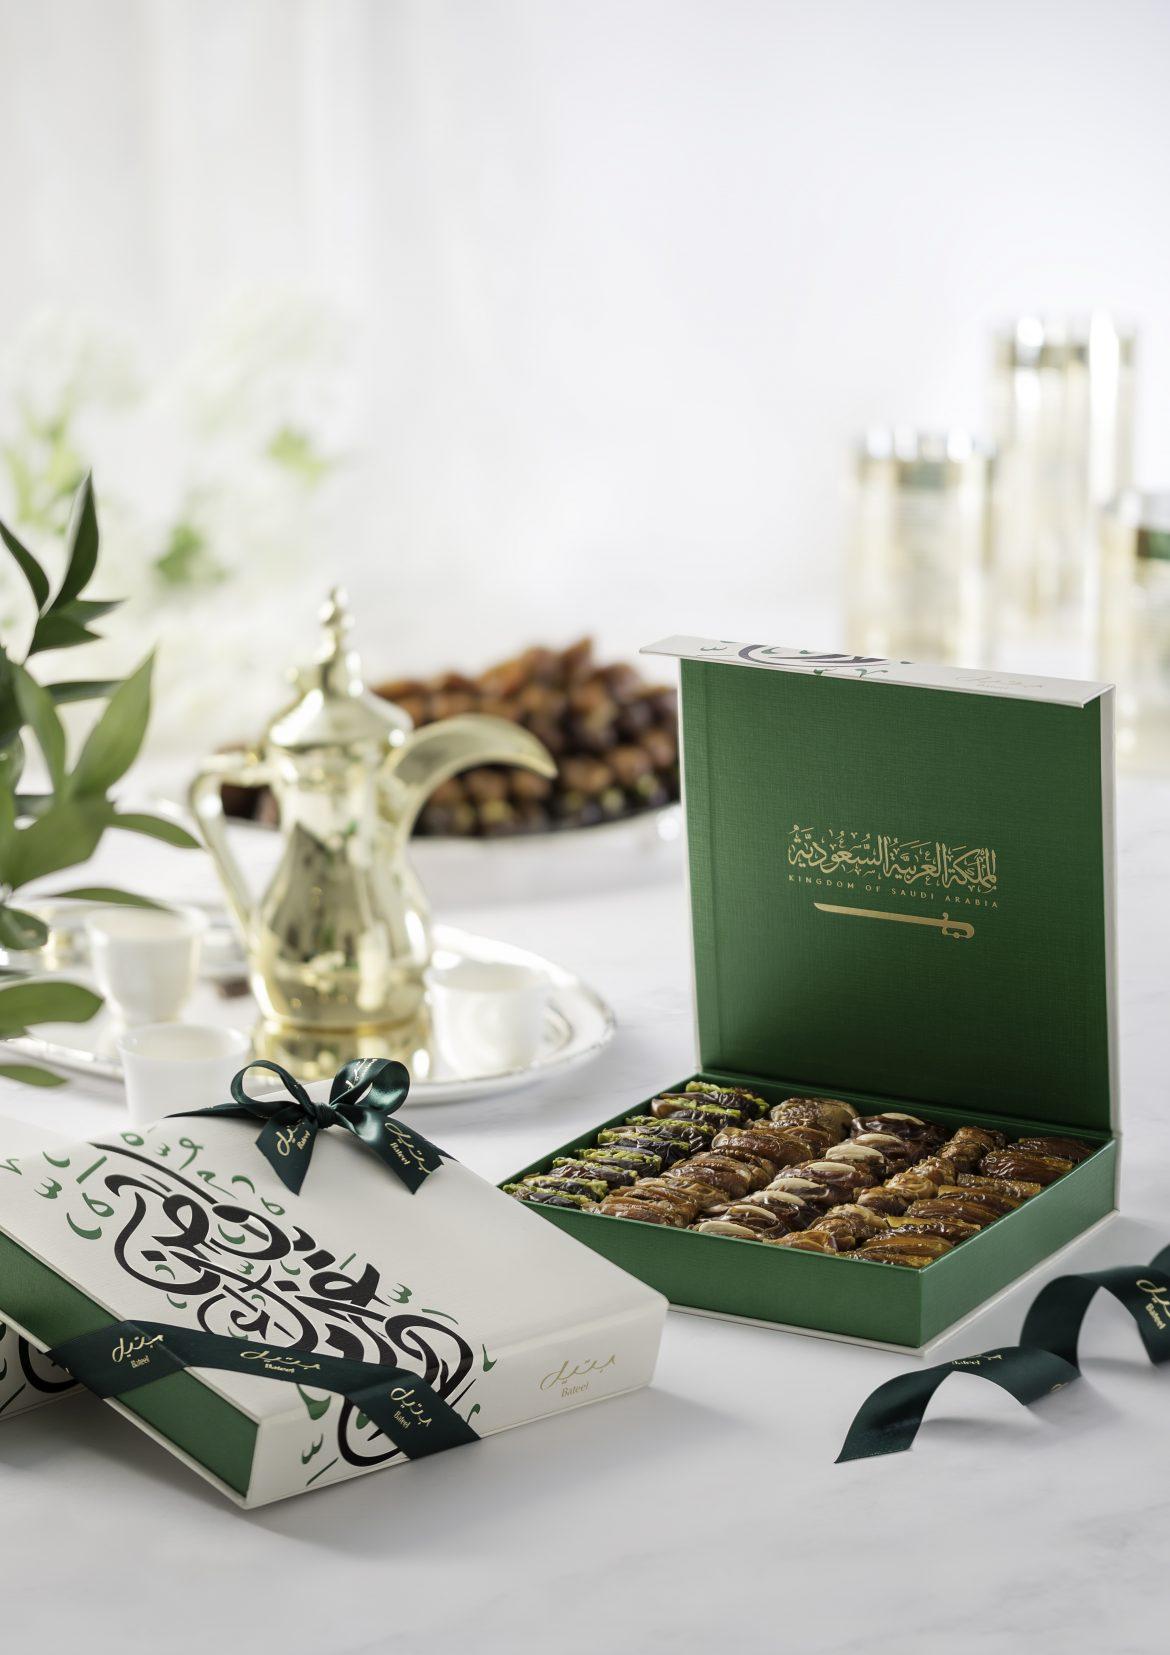 بتيل العالمية تطلق تشكيلة من الهدايا الحصرية احتفالاًباليوم الوطني السعودي